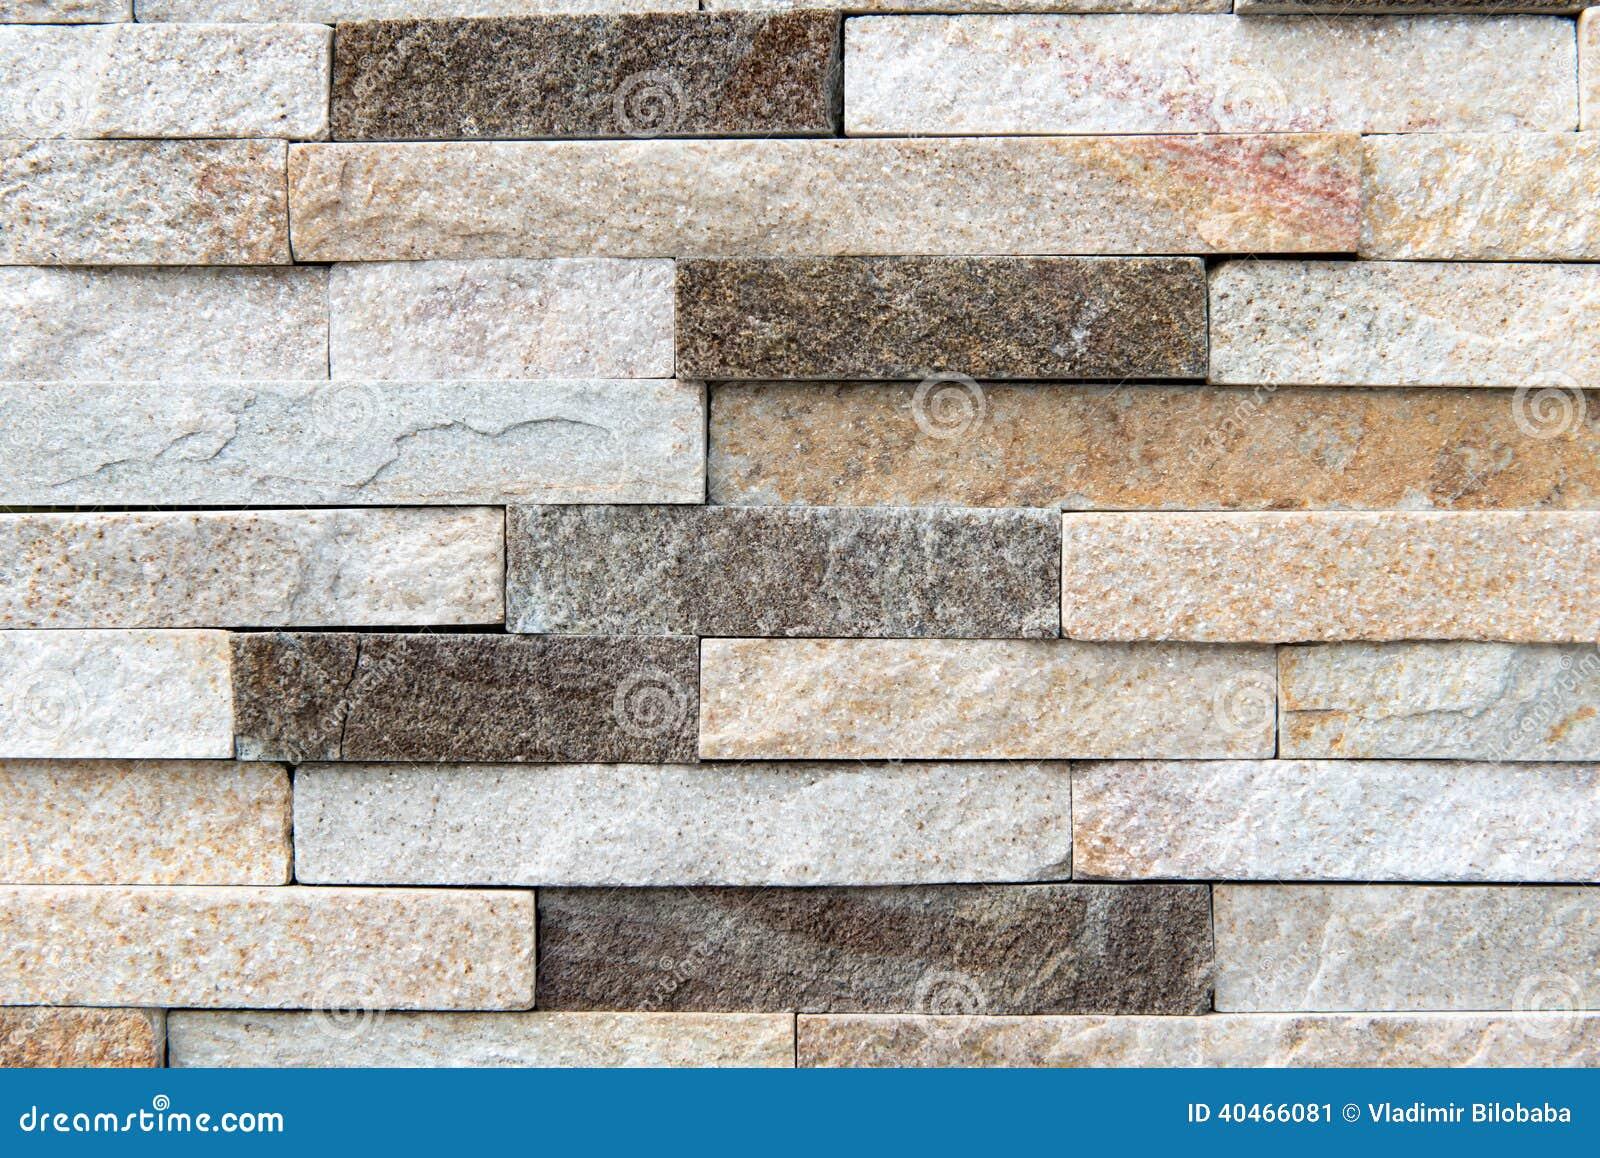 Revestimiento de piedra natural constructivo foto de for Revestimiento de piedra